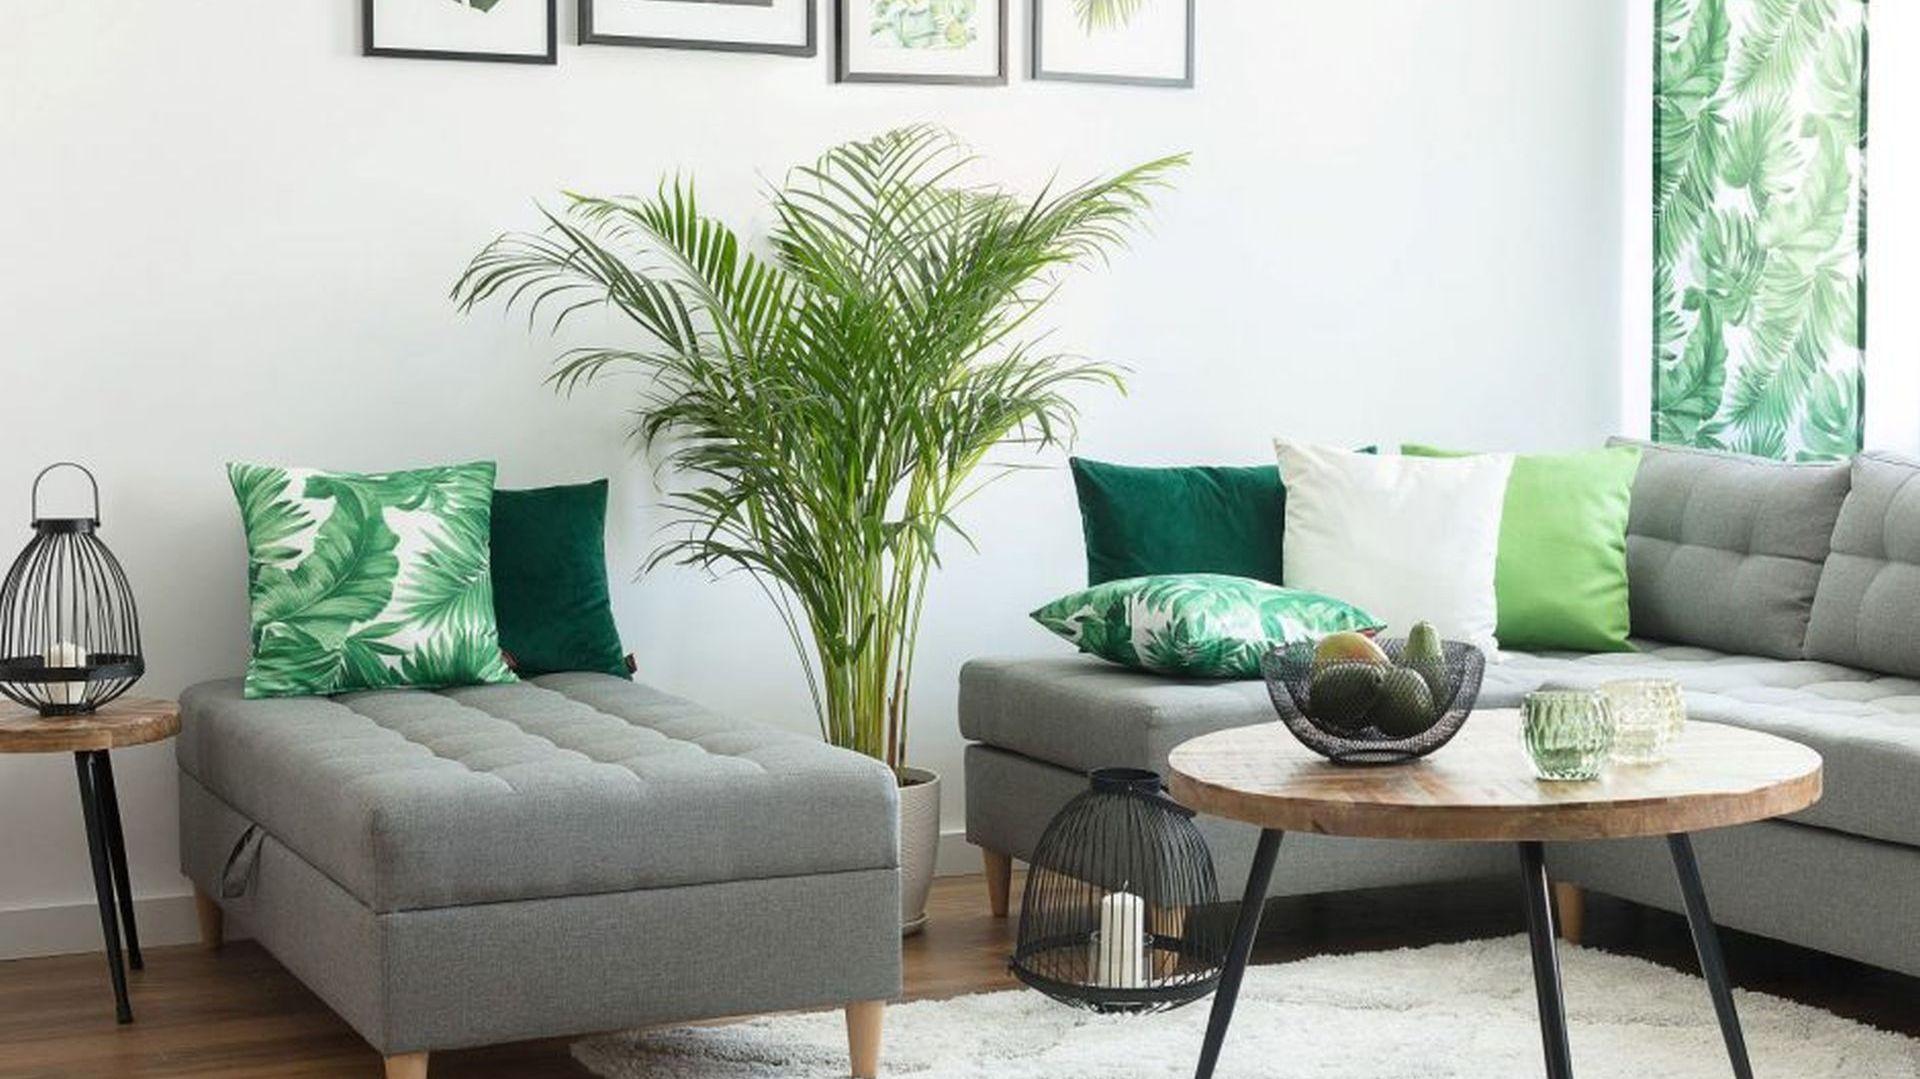 Poszewka Kinga na poduszkę z kolekcji Urban Jungle. Fot. Dekoria